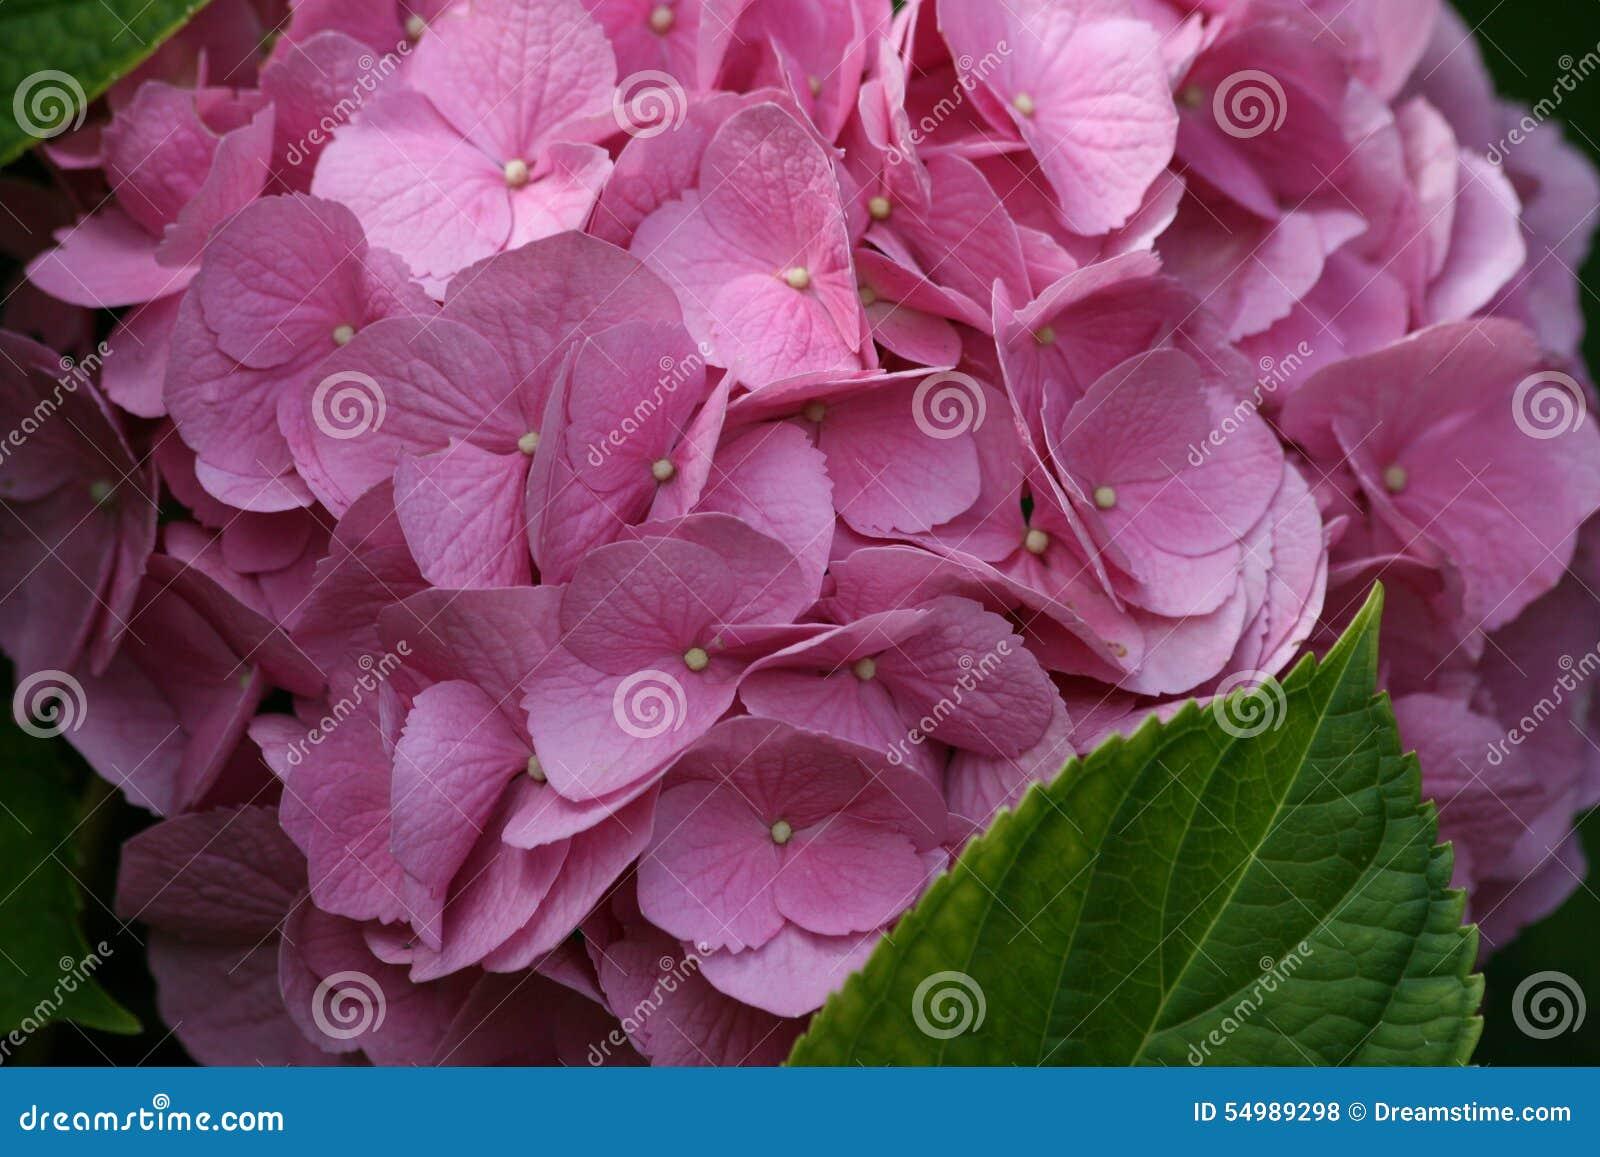 Цветок гортензии